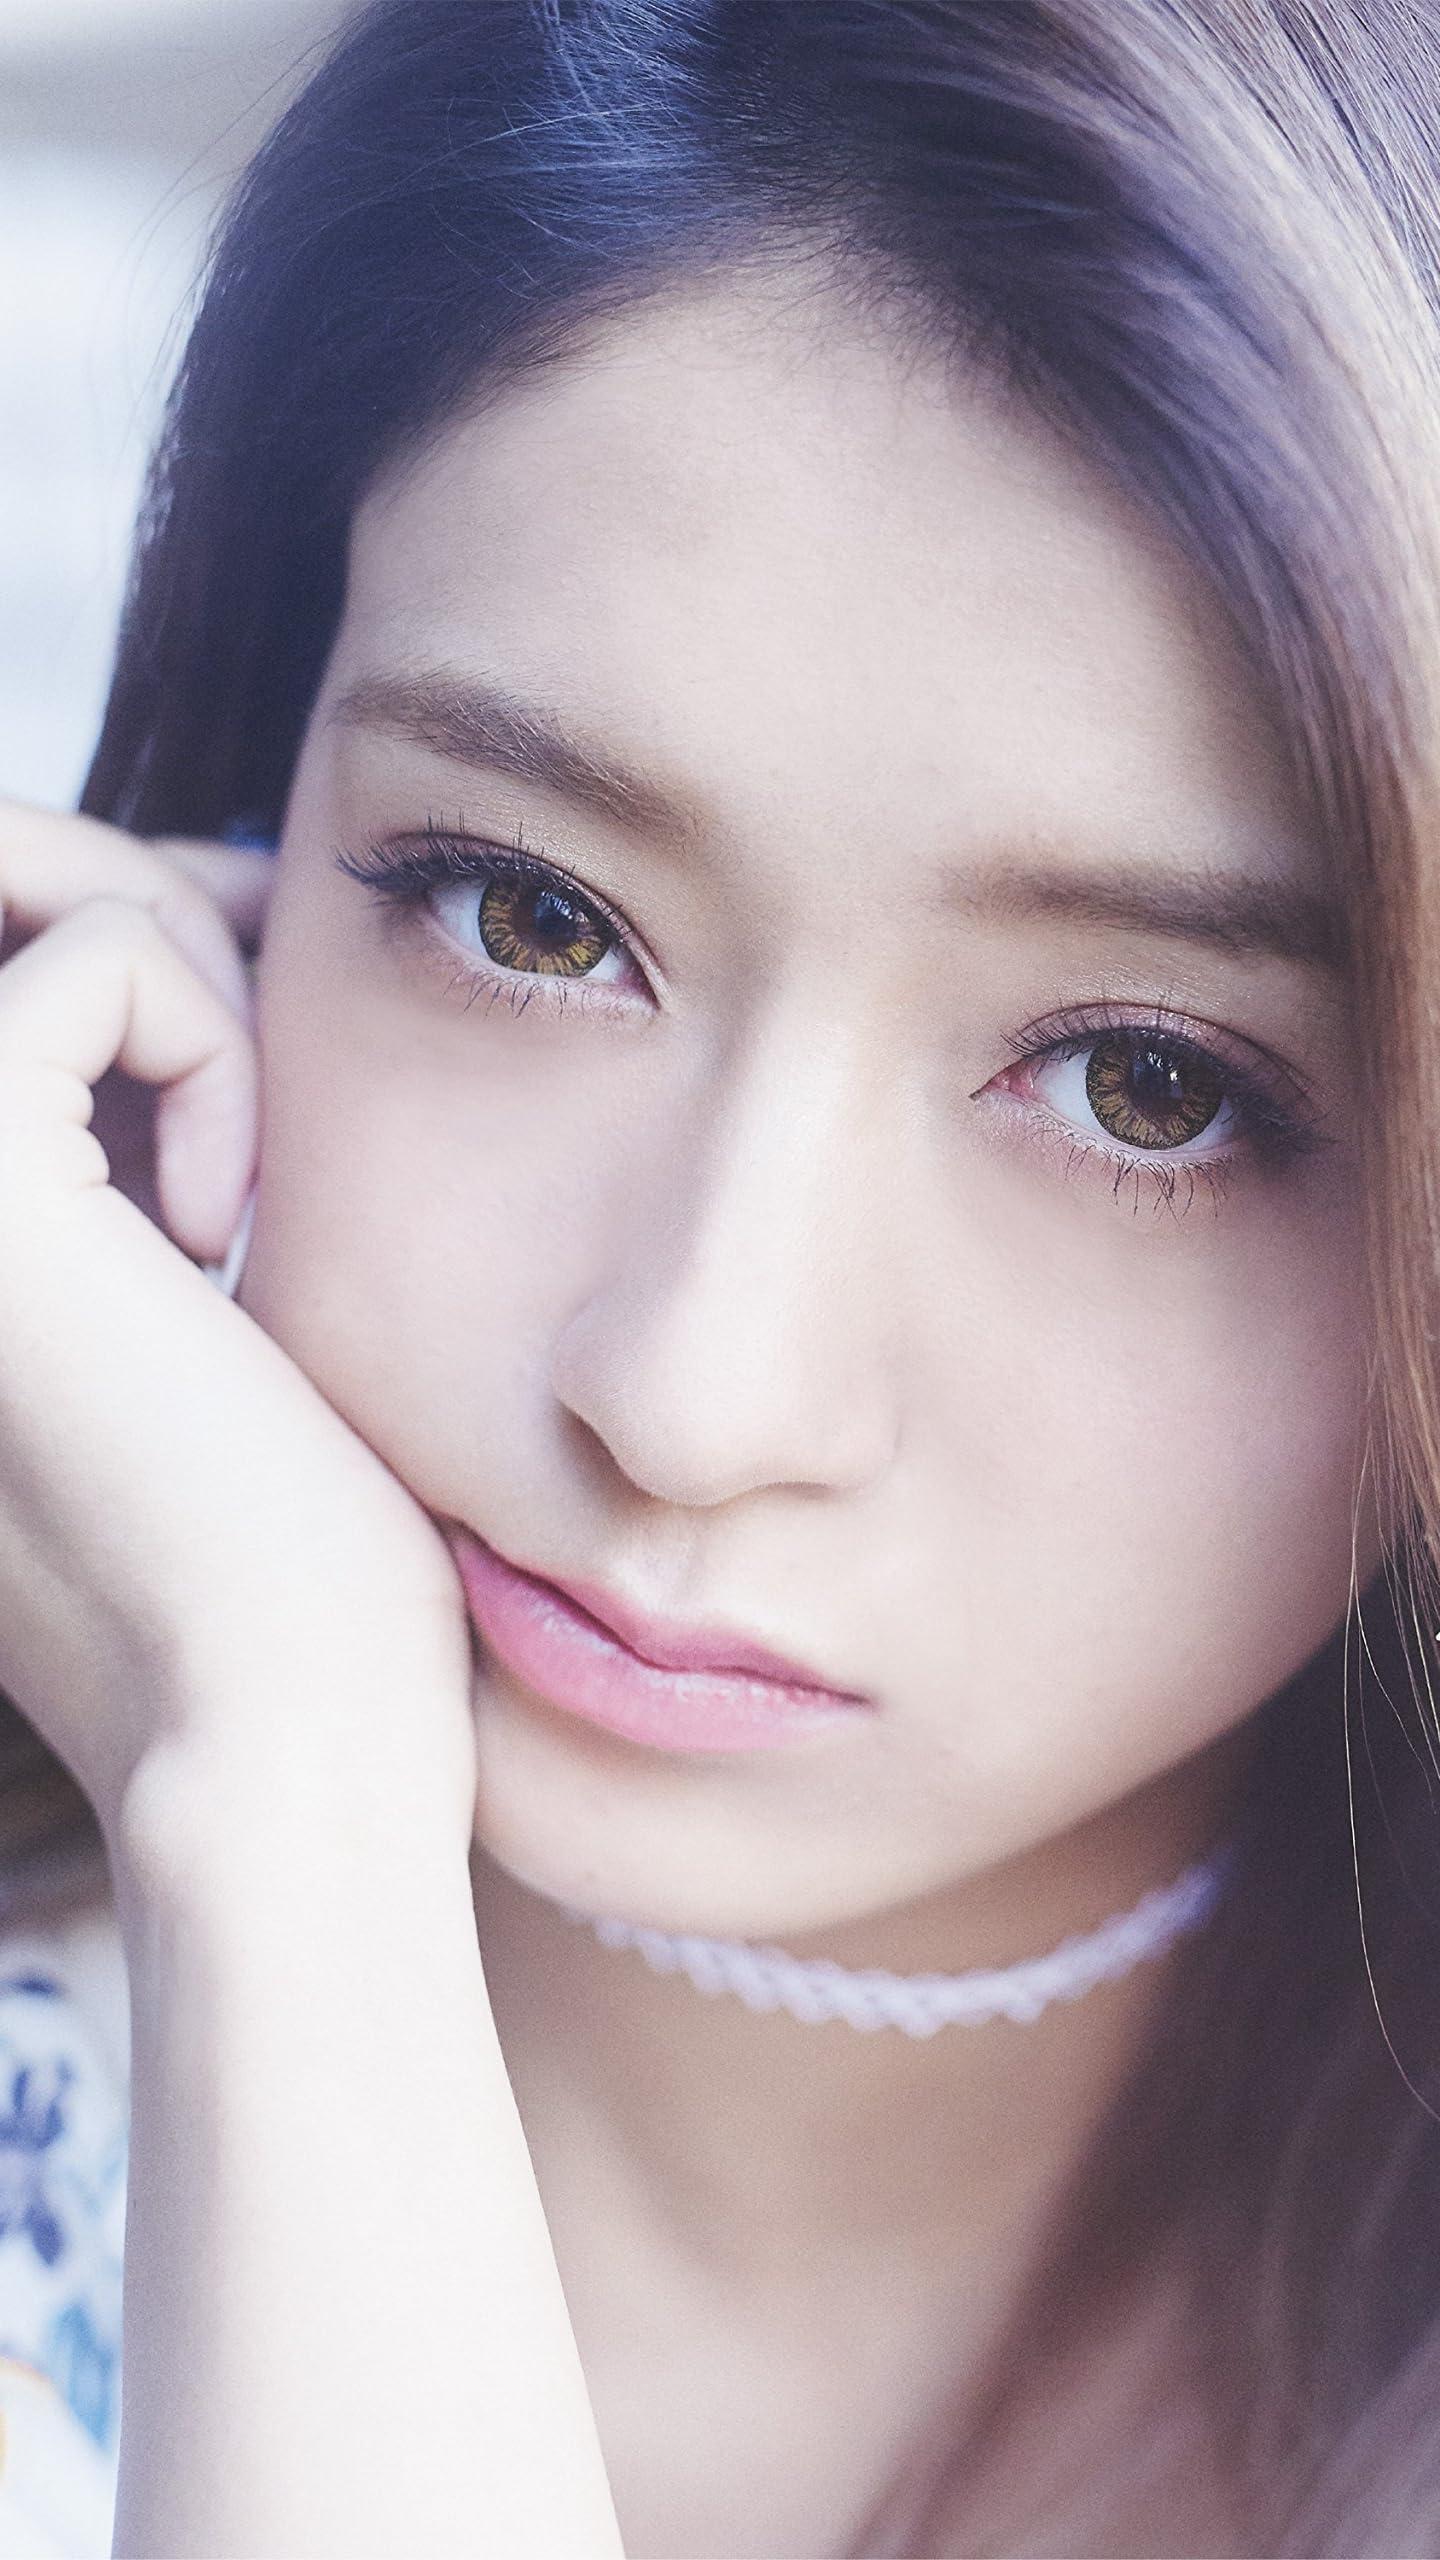 みちょぱ 池田美優 Hd 720 1280 壁紙 頬杖 女性タレント スマホ用画像